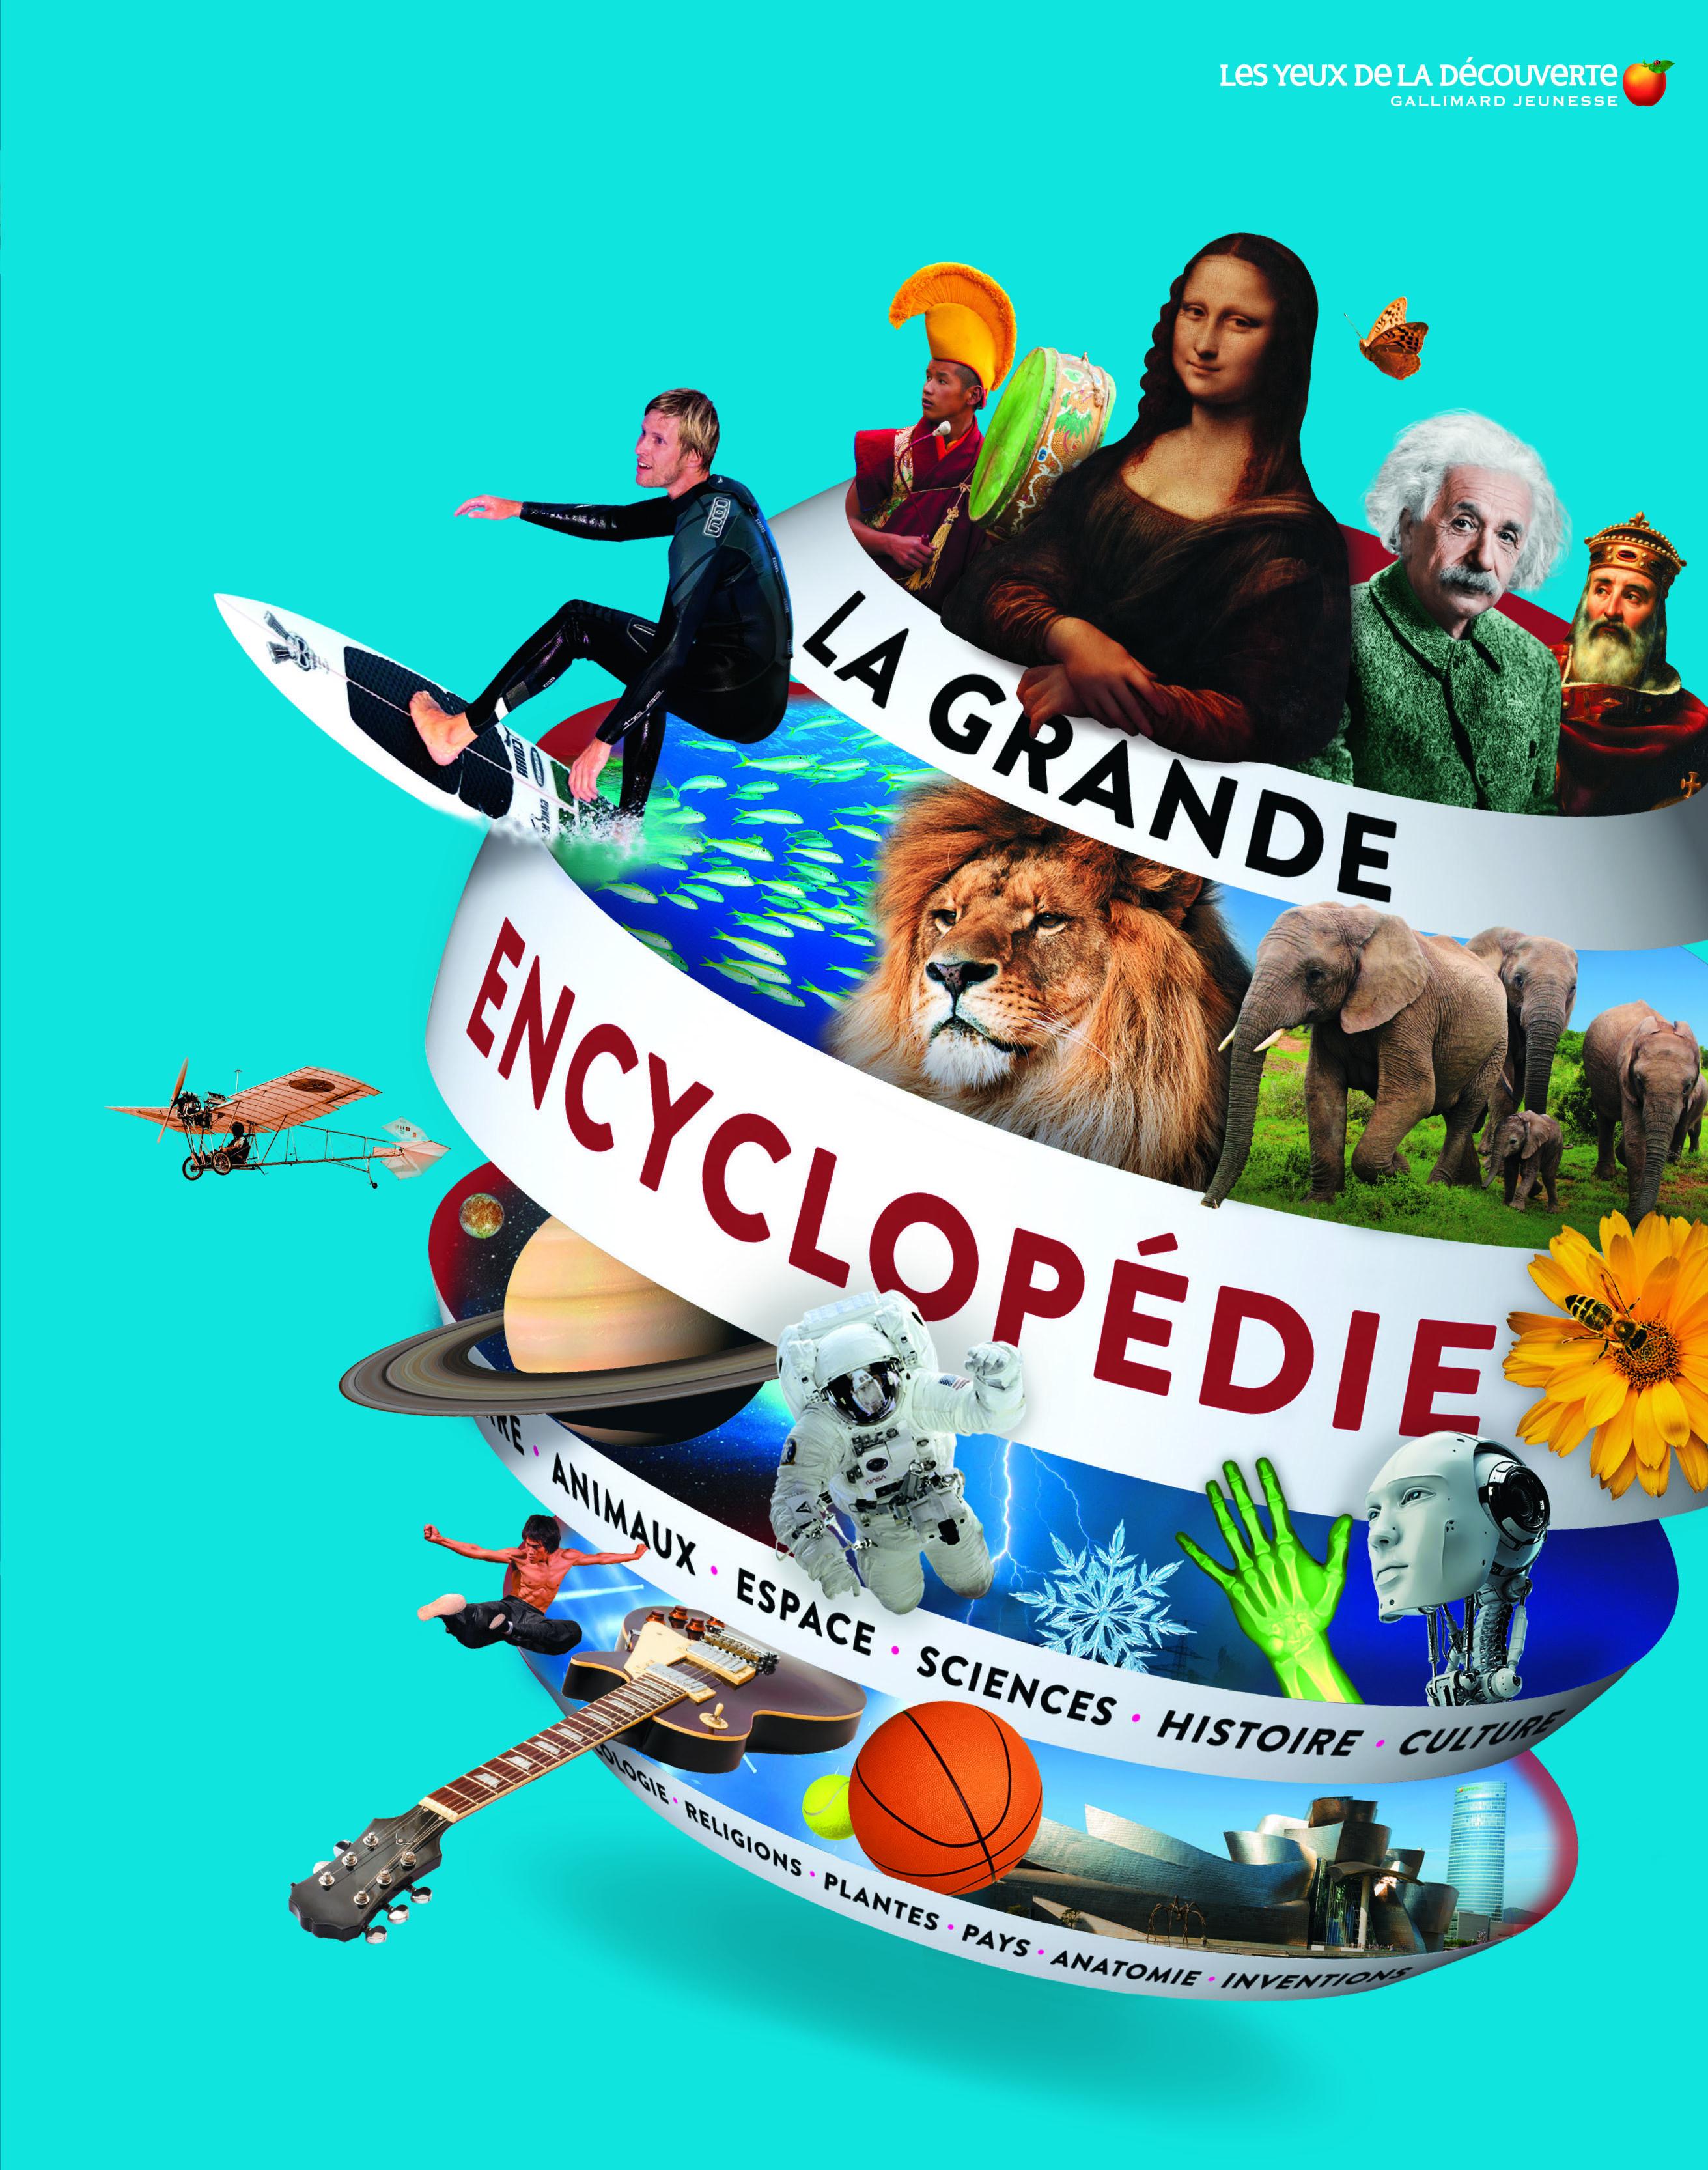 LA GRANDE ENCYCLOPEDIE